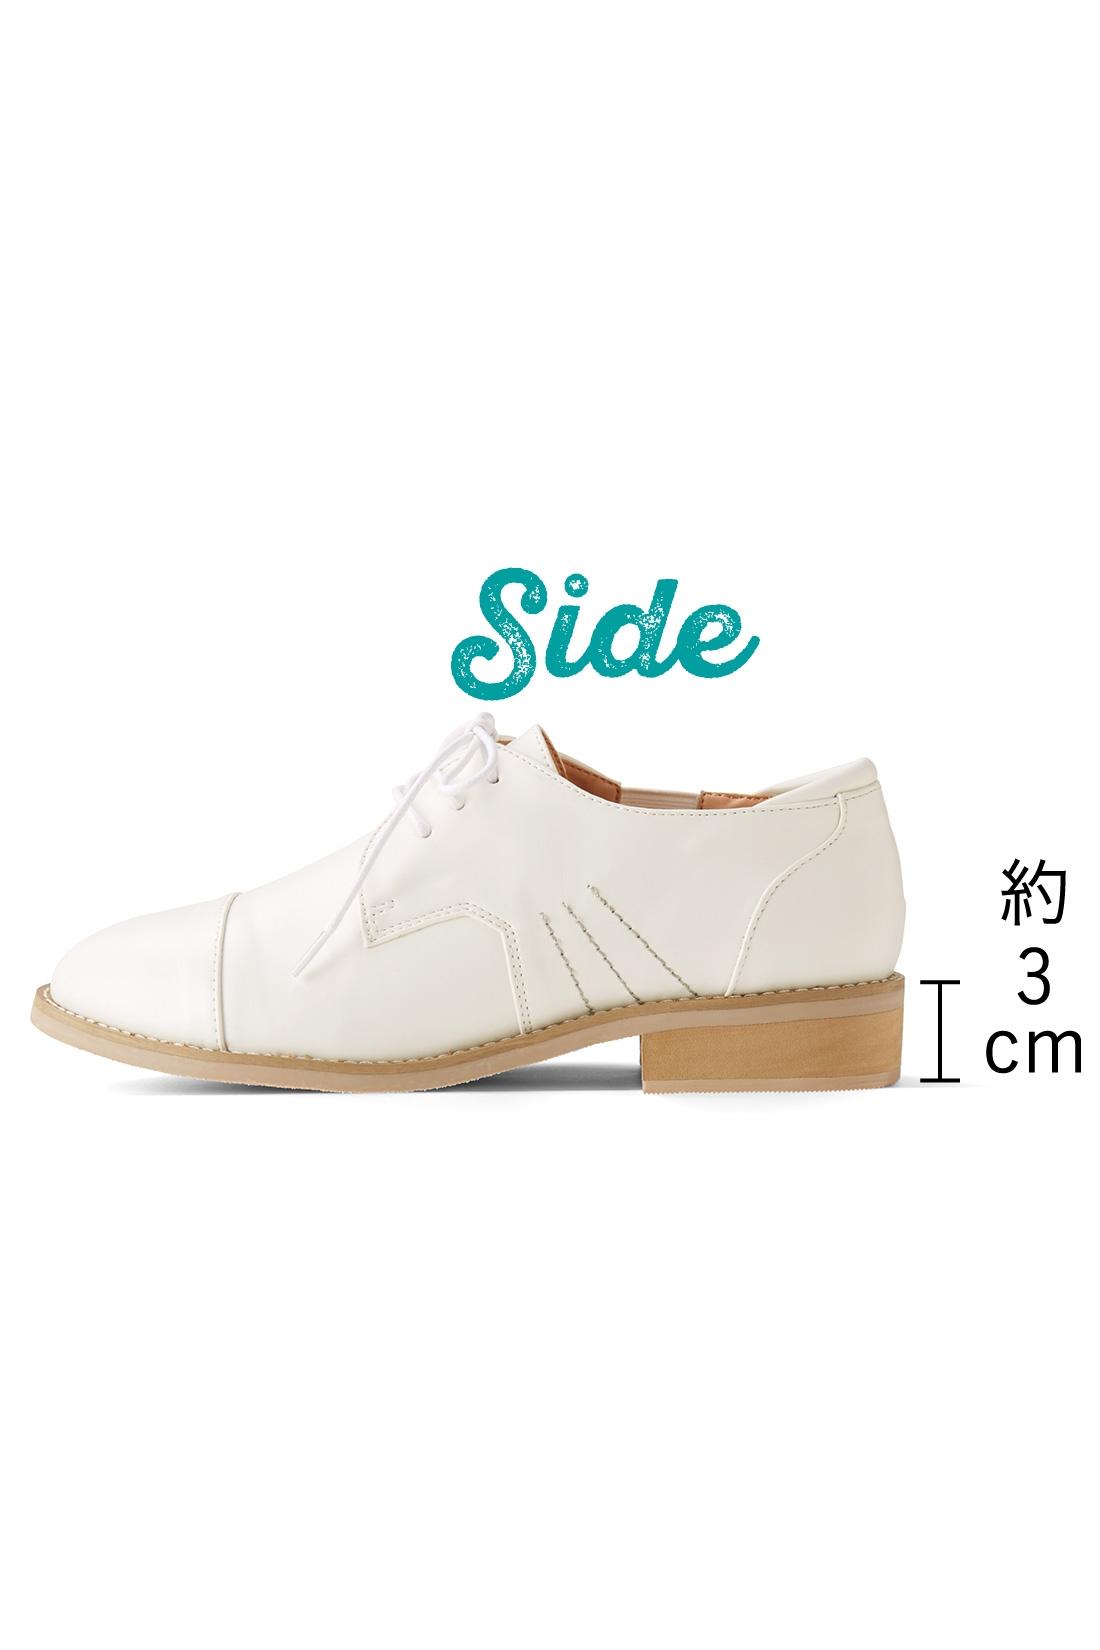 美脚をかなえつつ歩きやすい3cmヒールがちょうどいい。 ※お届けするカラーとは異なります。